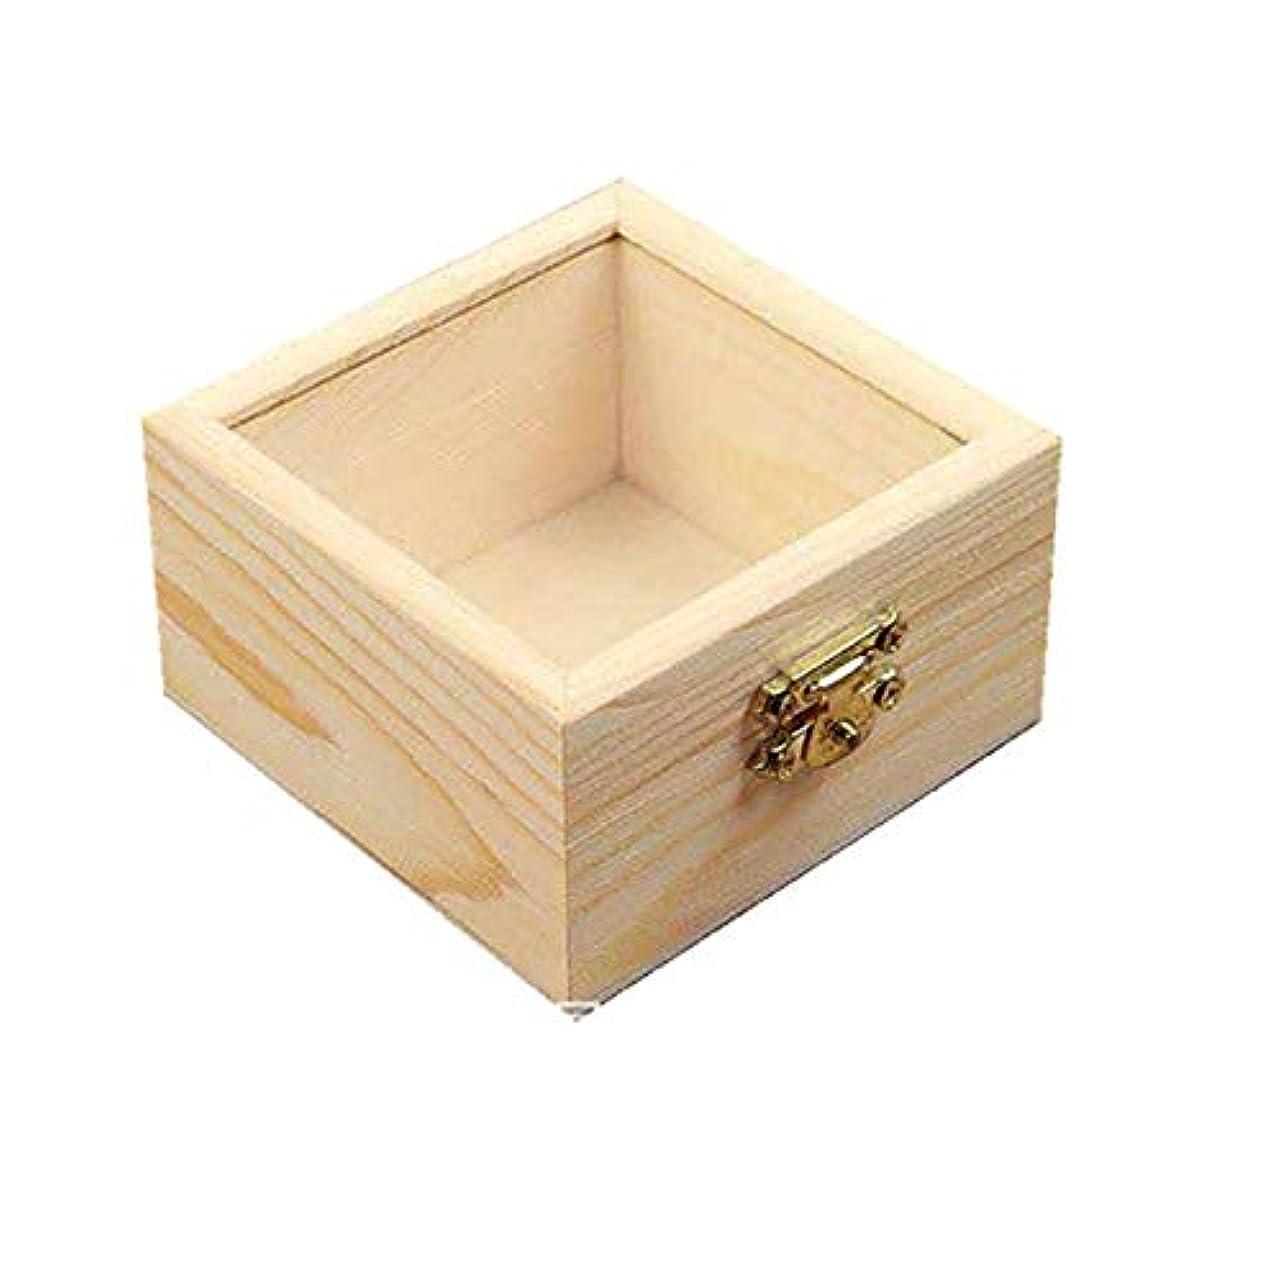 ささやき謝罪キャッチエッセンシャルオイルストレージボックス 木製のエッセンシャルオイルは、プレゼンテーションのために完璧なエッセンシャルオイルケースはBox 旅行およびプレゼンテーション用 (色 : Natural, サイズ : 8.5X8.5X5CM)